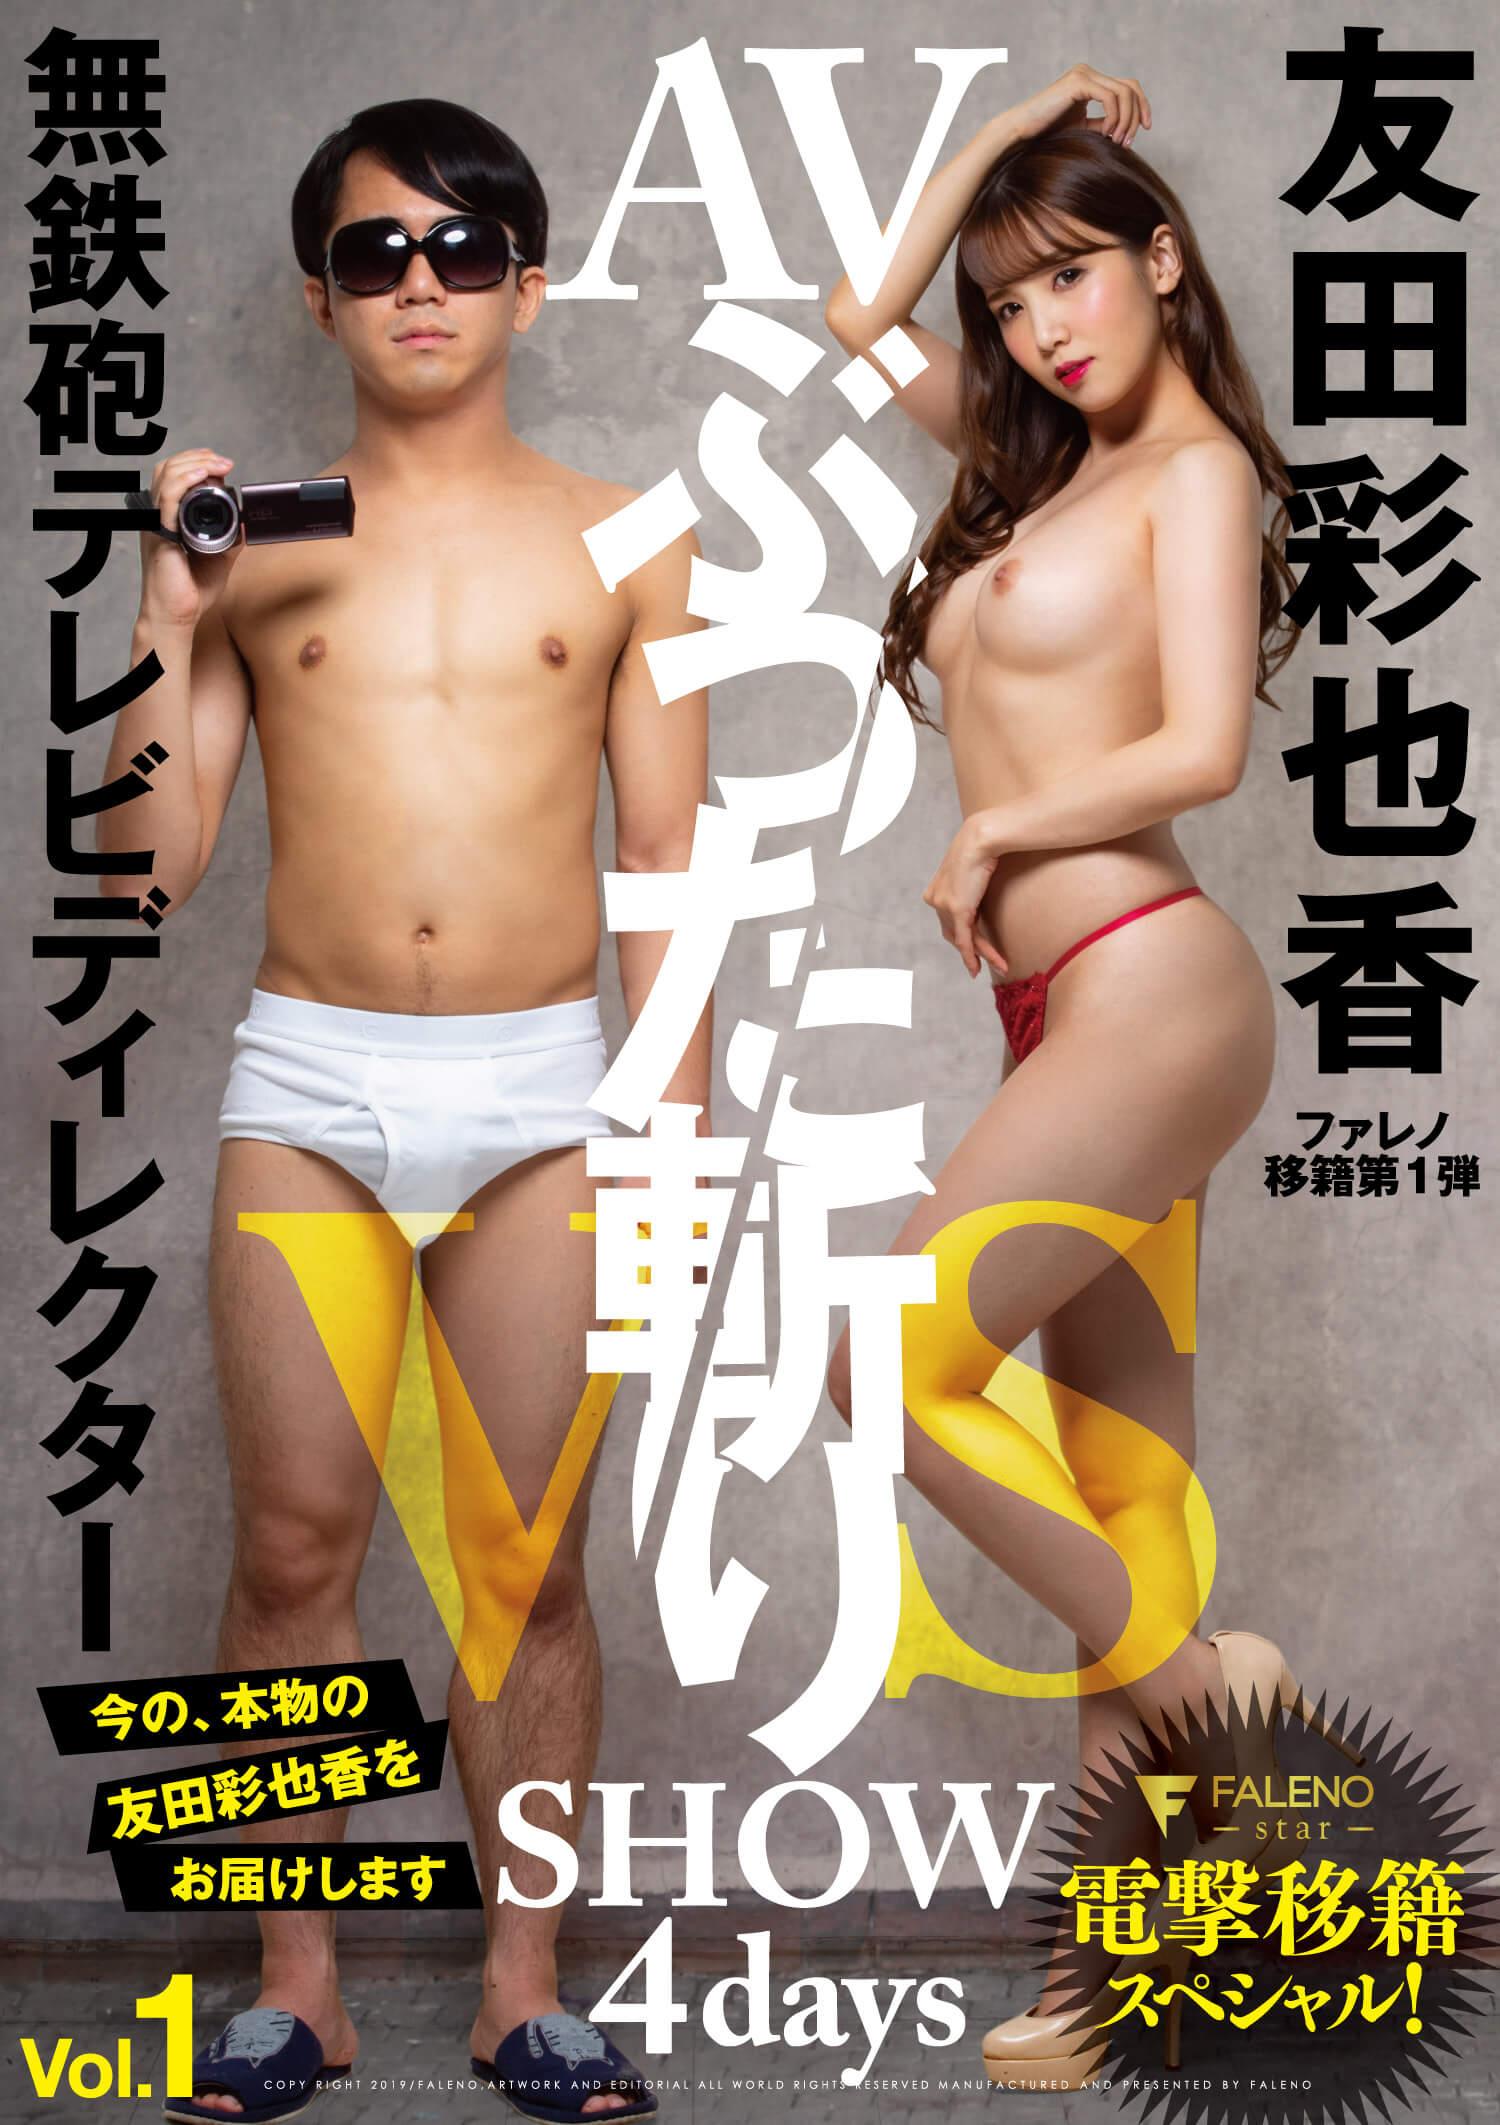 無鉄砲テレビディレクターvs友田彩也香 AVぶった斬りSHOW 4days Vol.1